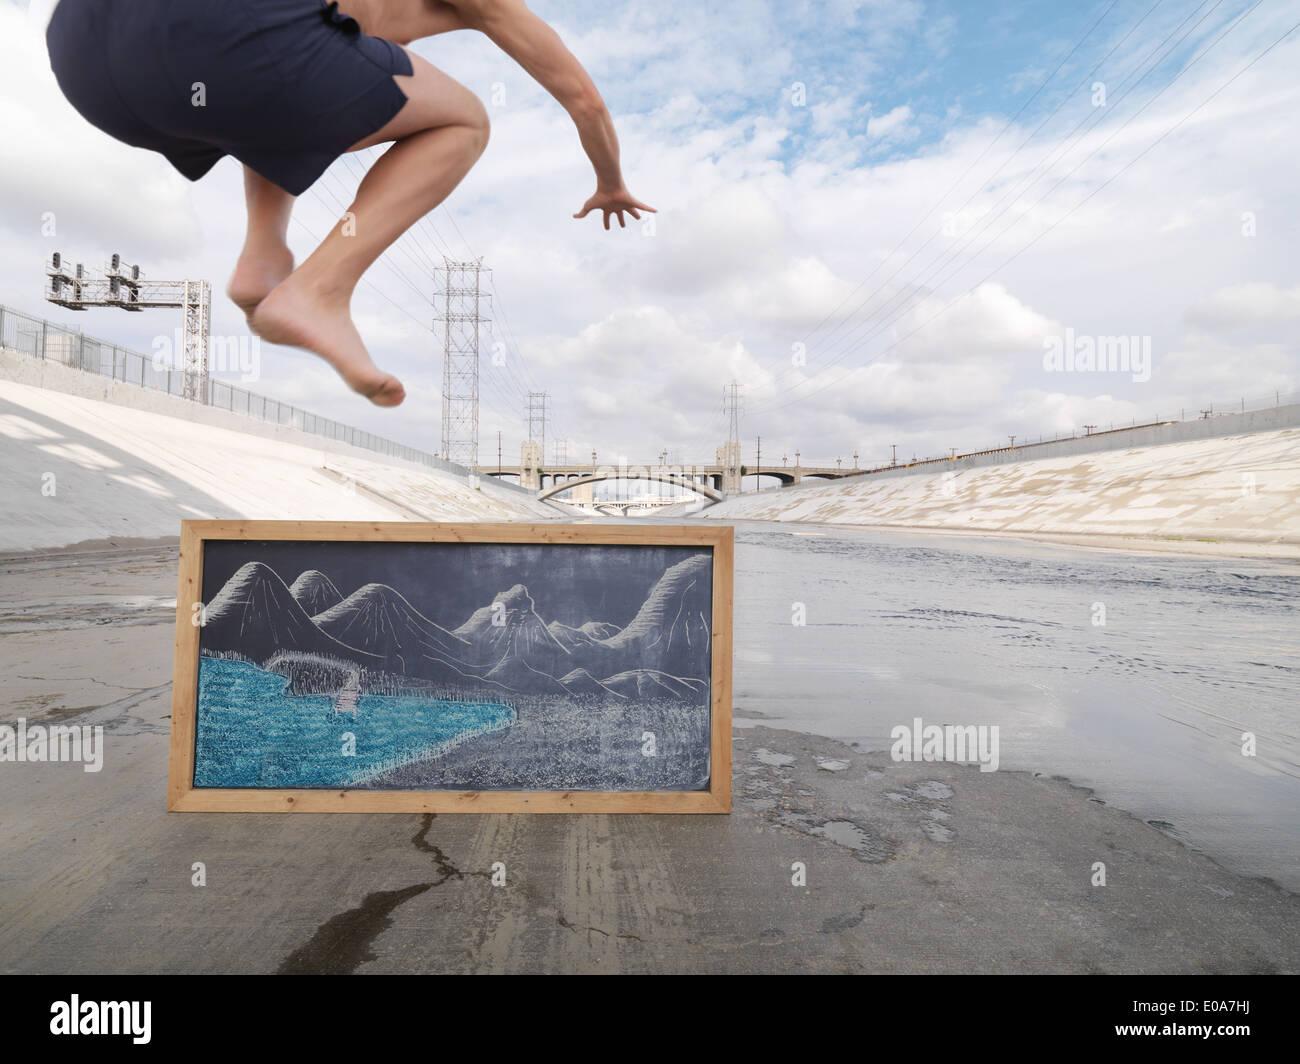 Menschen, die vorgeben, Sprung in den See, Fluss Los Angeles, Los Angeles, Kalifornien, USA Stockbild